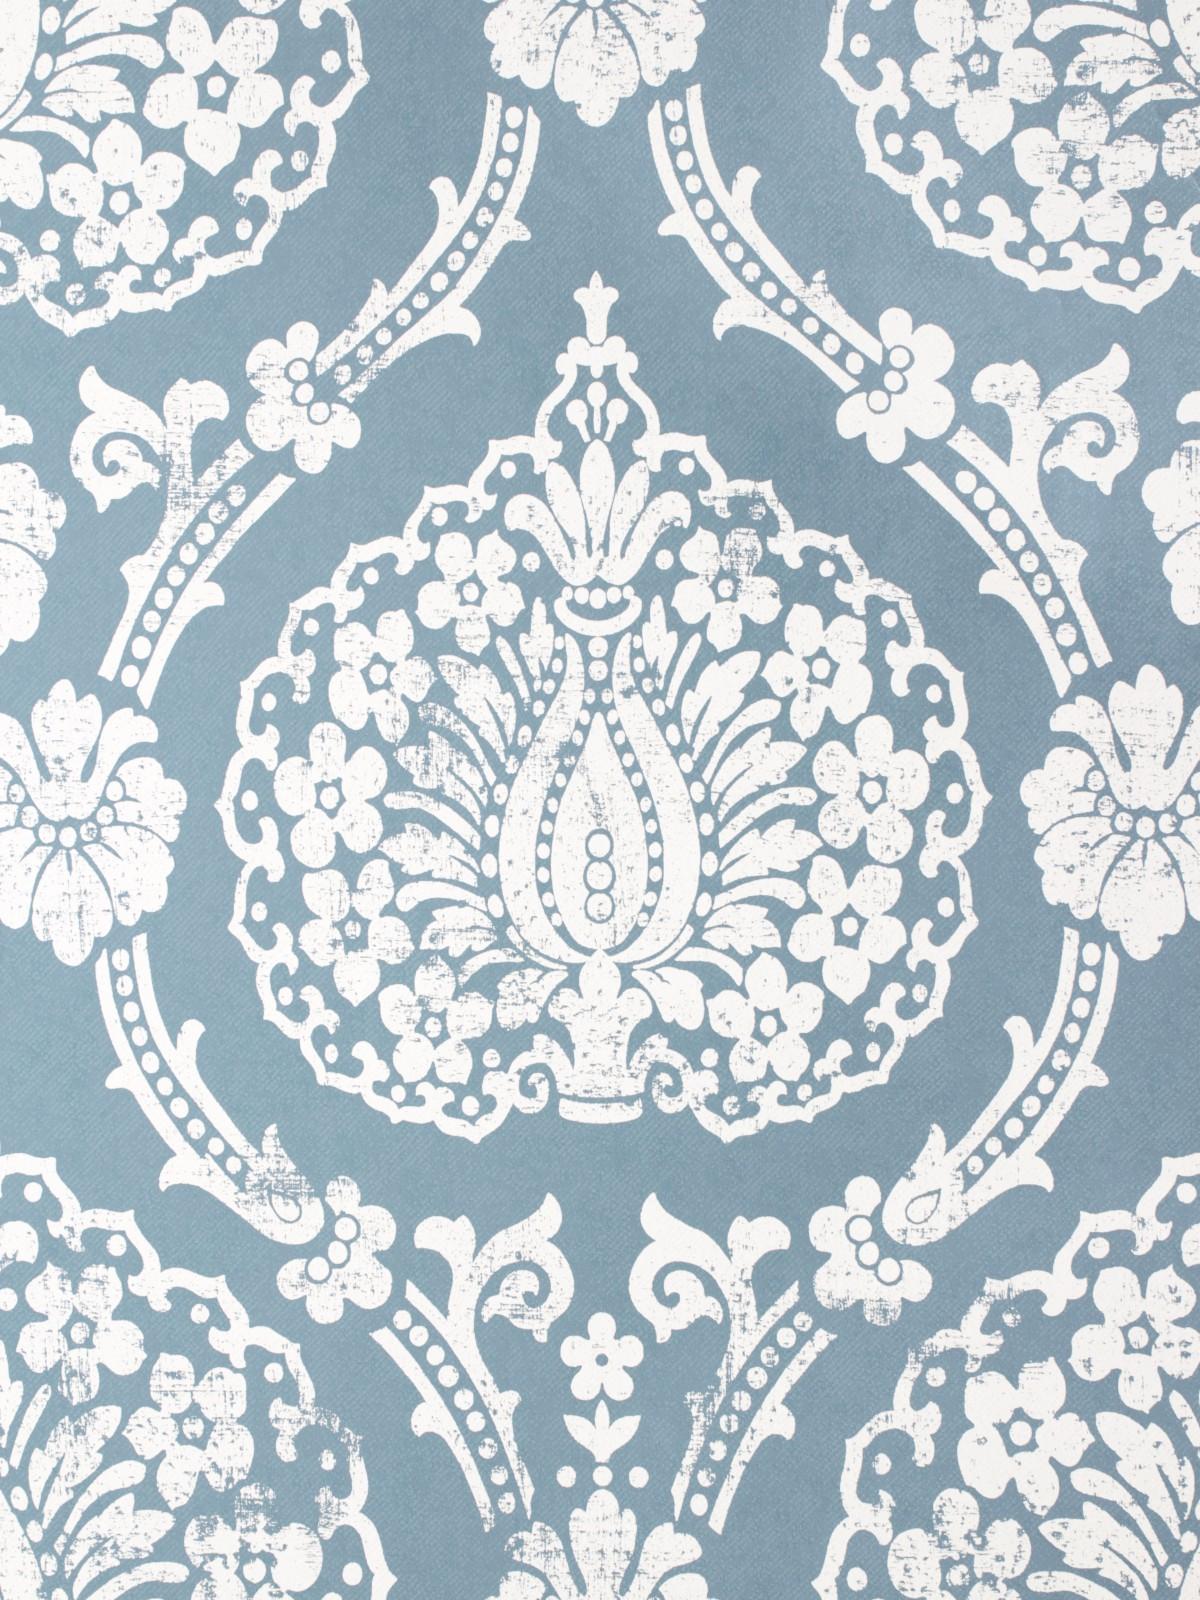 vliestapete scandinavian vintage marburg 51652 blau. Black Bedroom Furniture Sets. Home Design Ideas